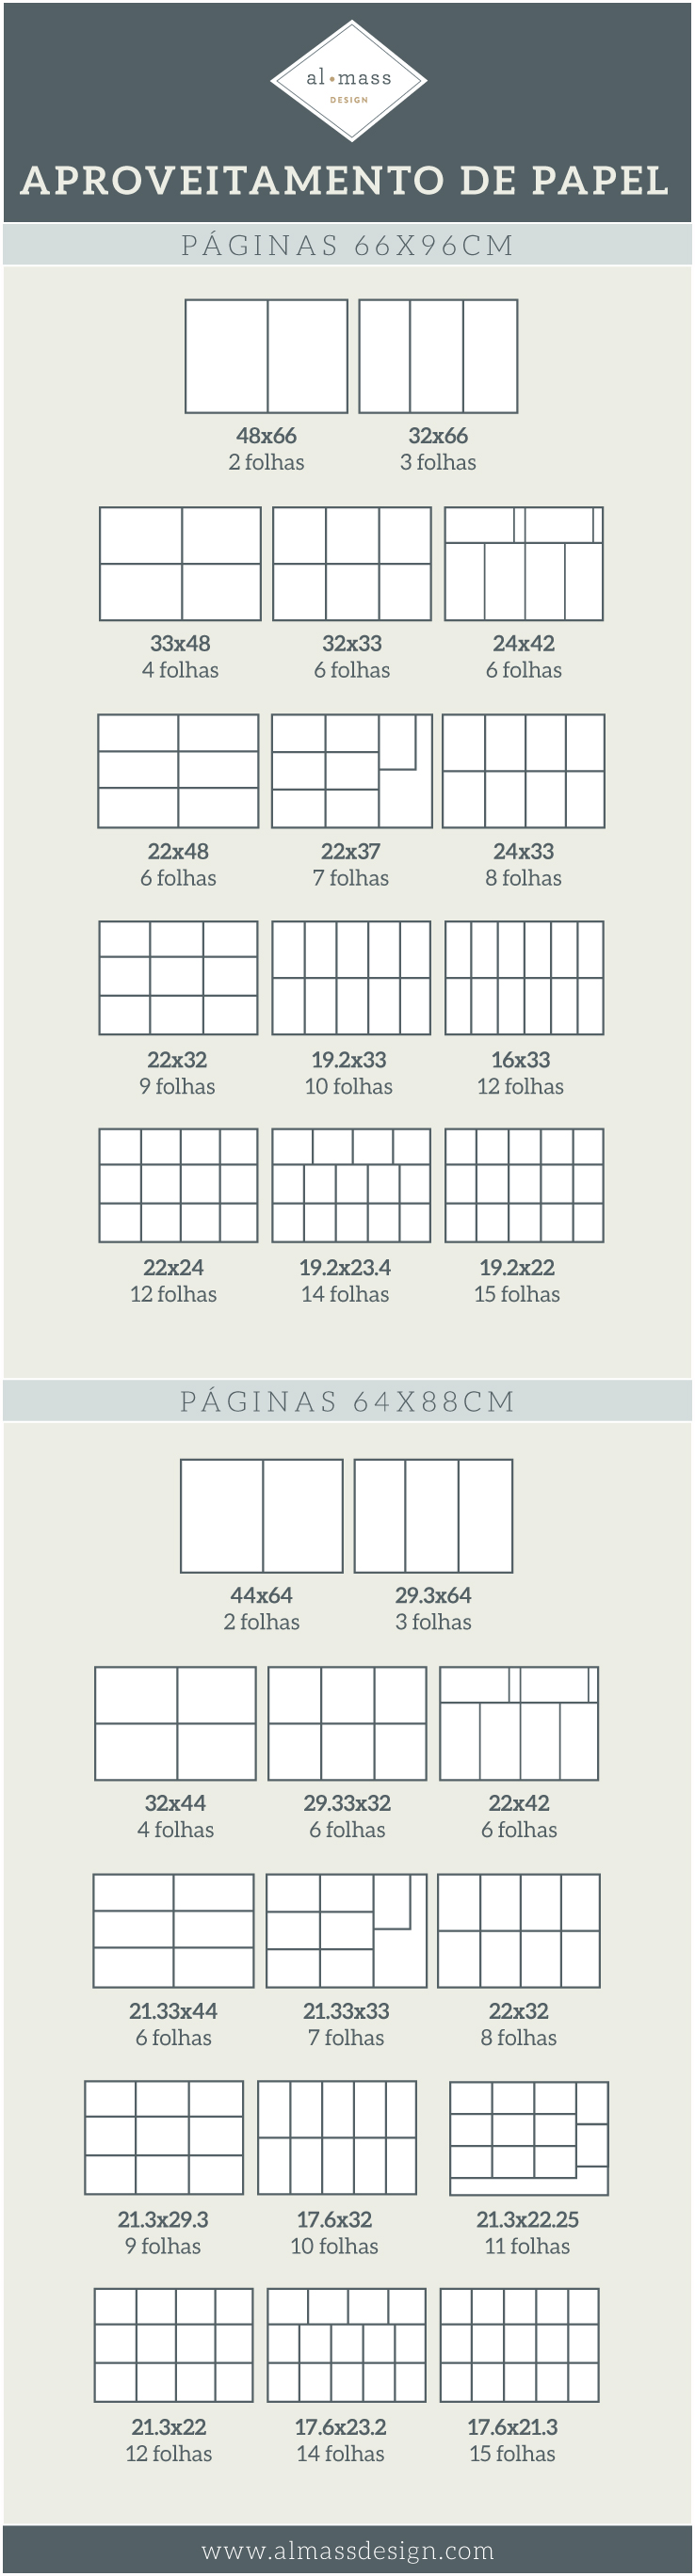 aproveitamento-de-papel.jpg